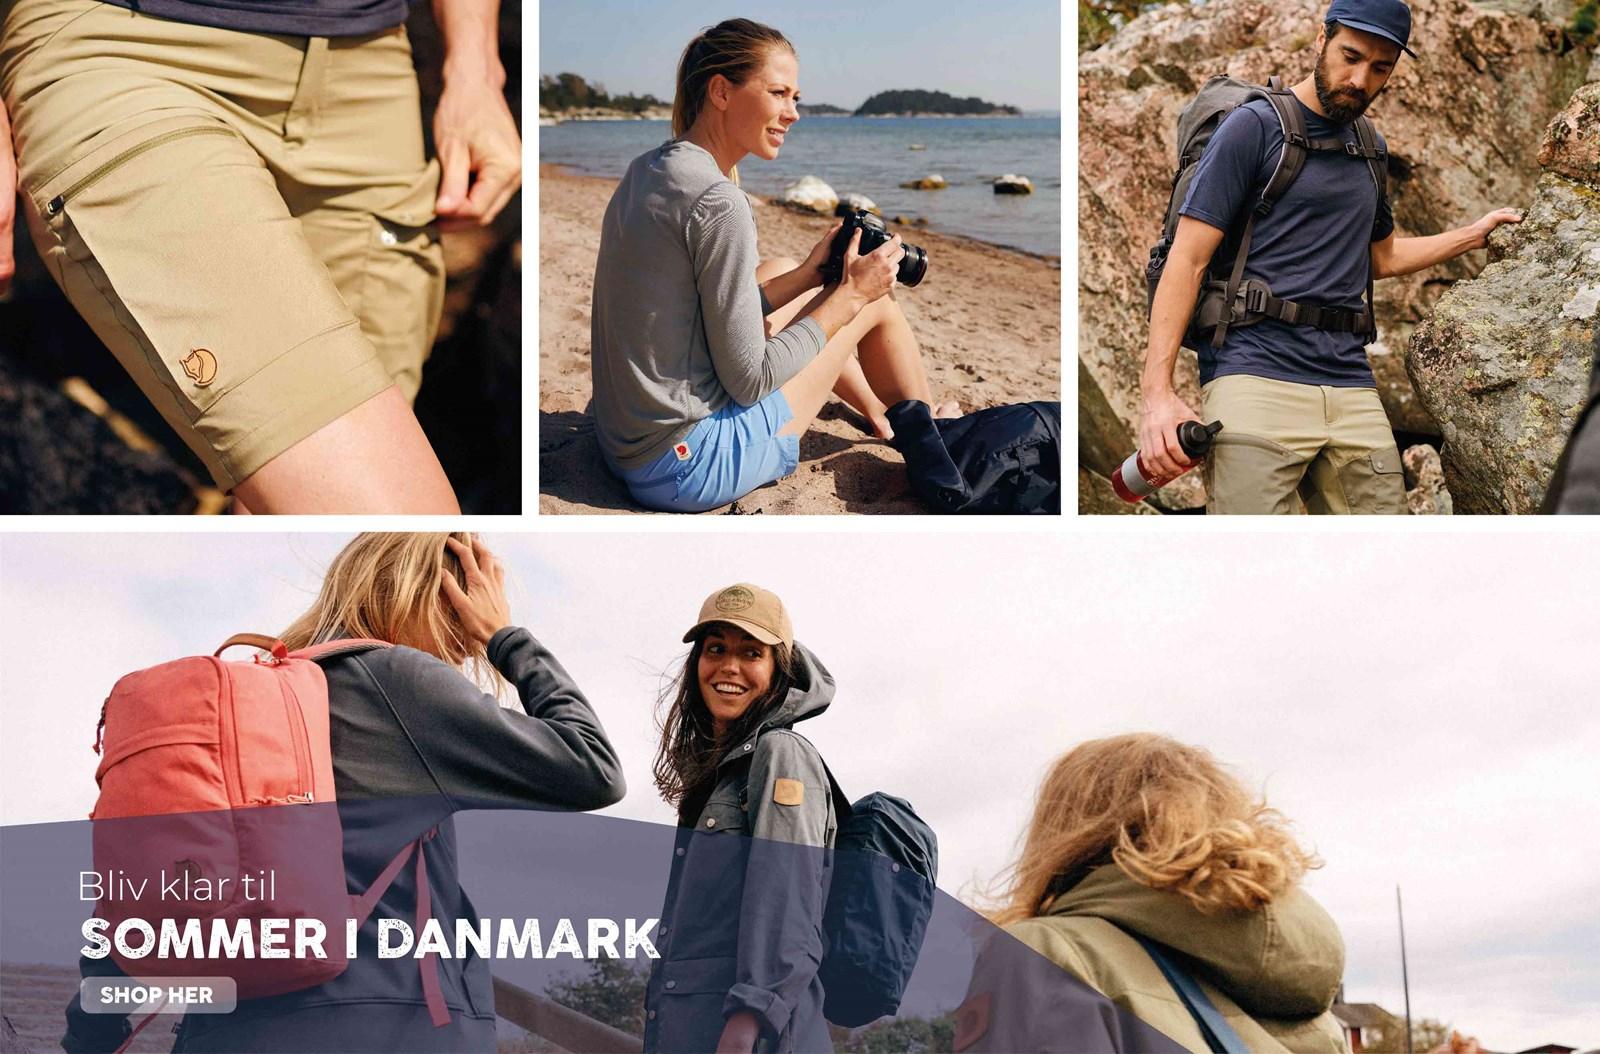 Alt i beklædning til sommeren i Danmark